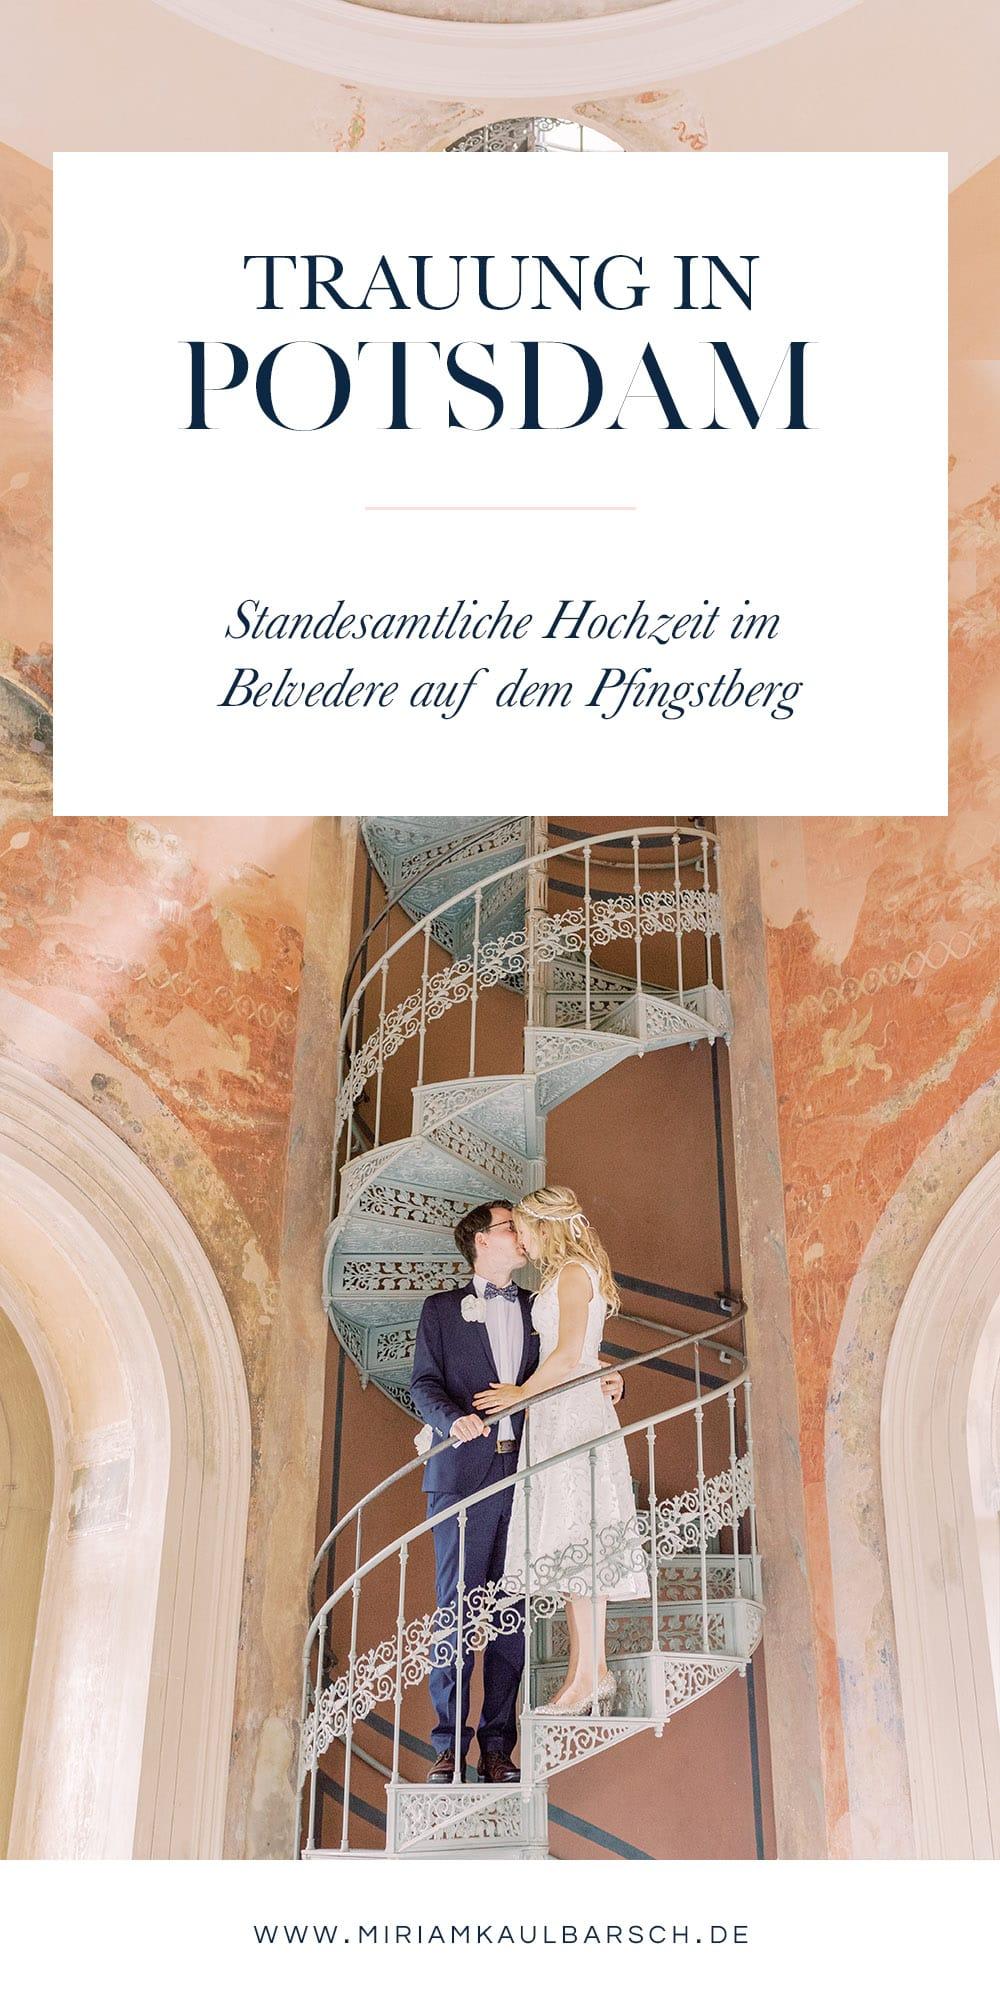 Standesamtliche Hochzeit im Maurischen Kabinett des Belvedere auf dem Pfingstberg Potsdam